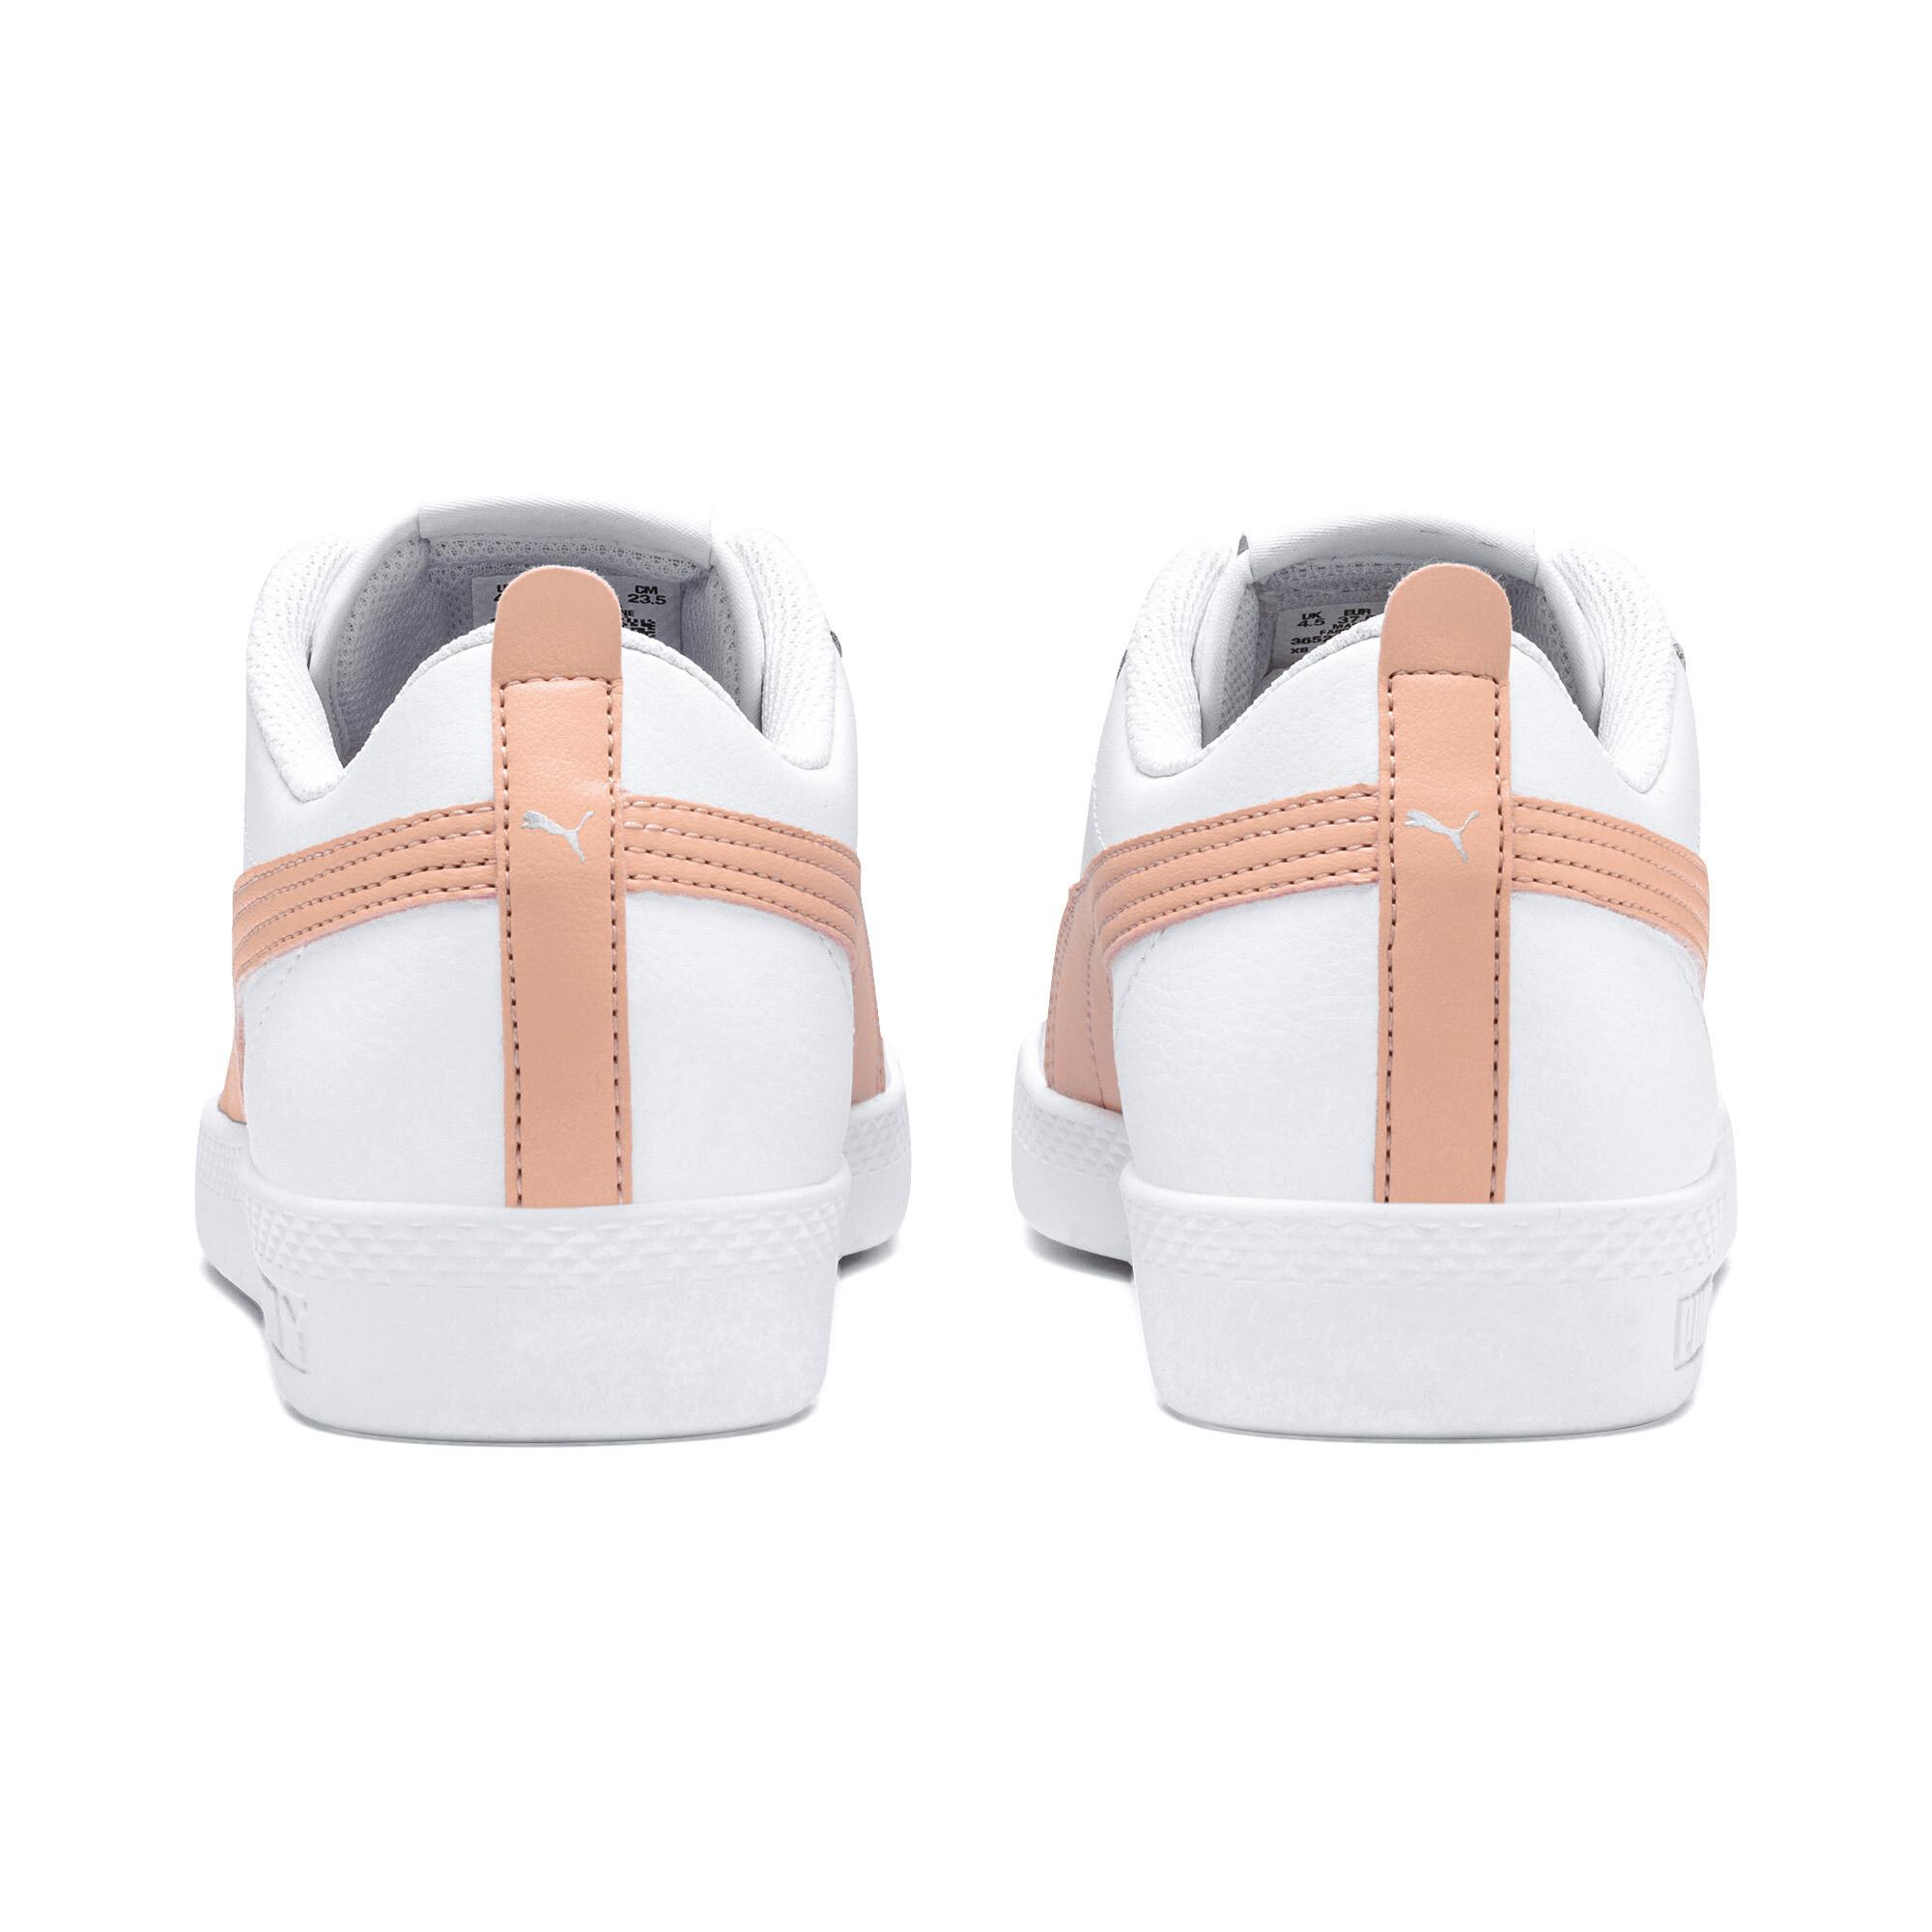 thumbnail 17 - PUMA-Women-039-s-Smash-v2-Leather-Sneakers